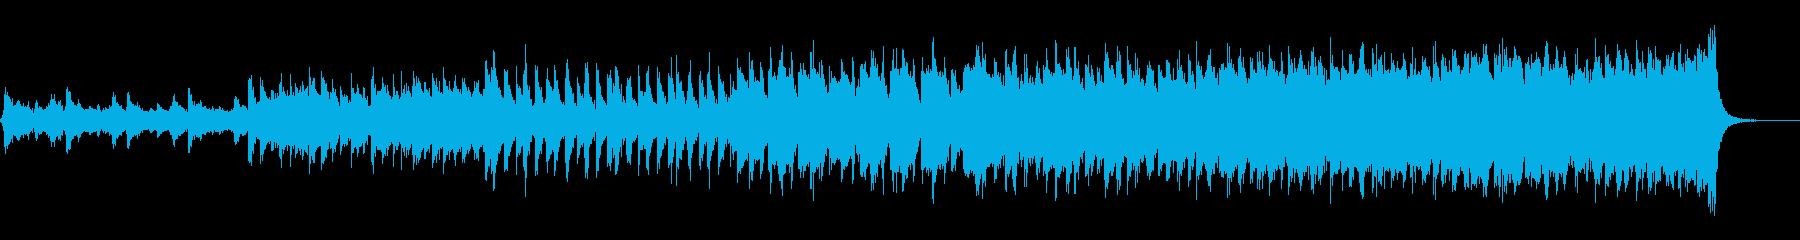 エピックオーケストラ/SFゲーム・映画系の再生済みの波形